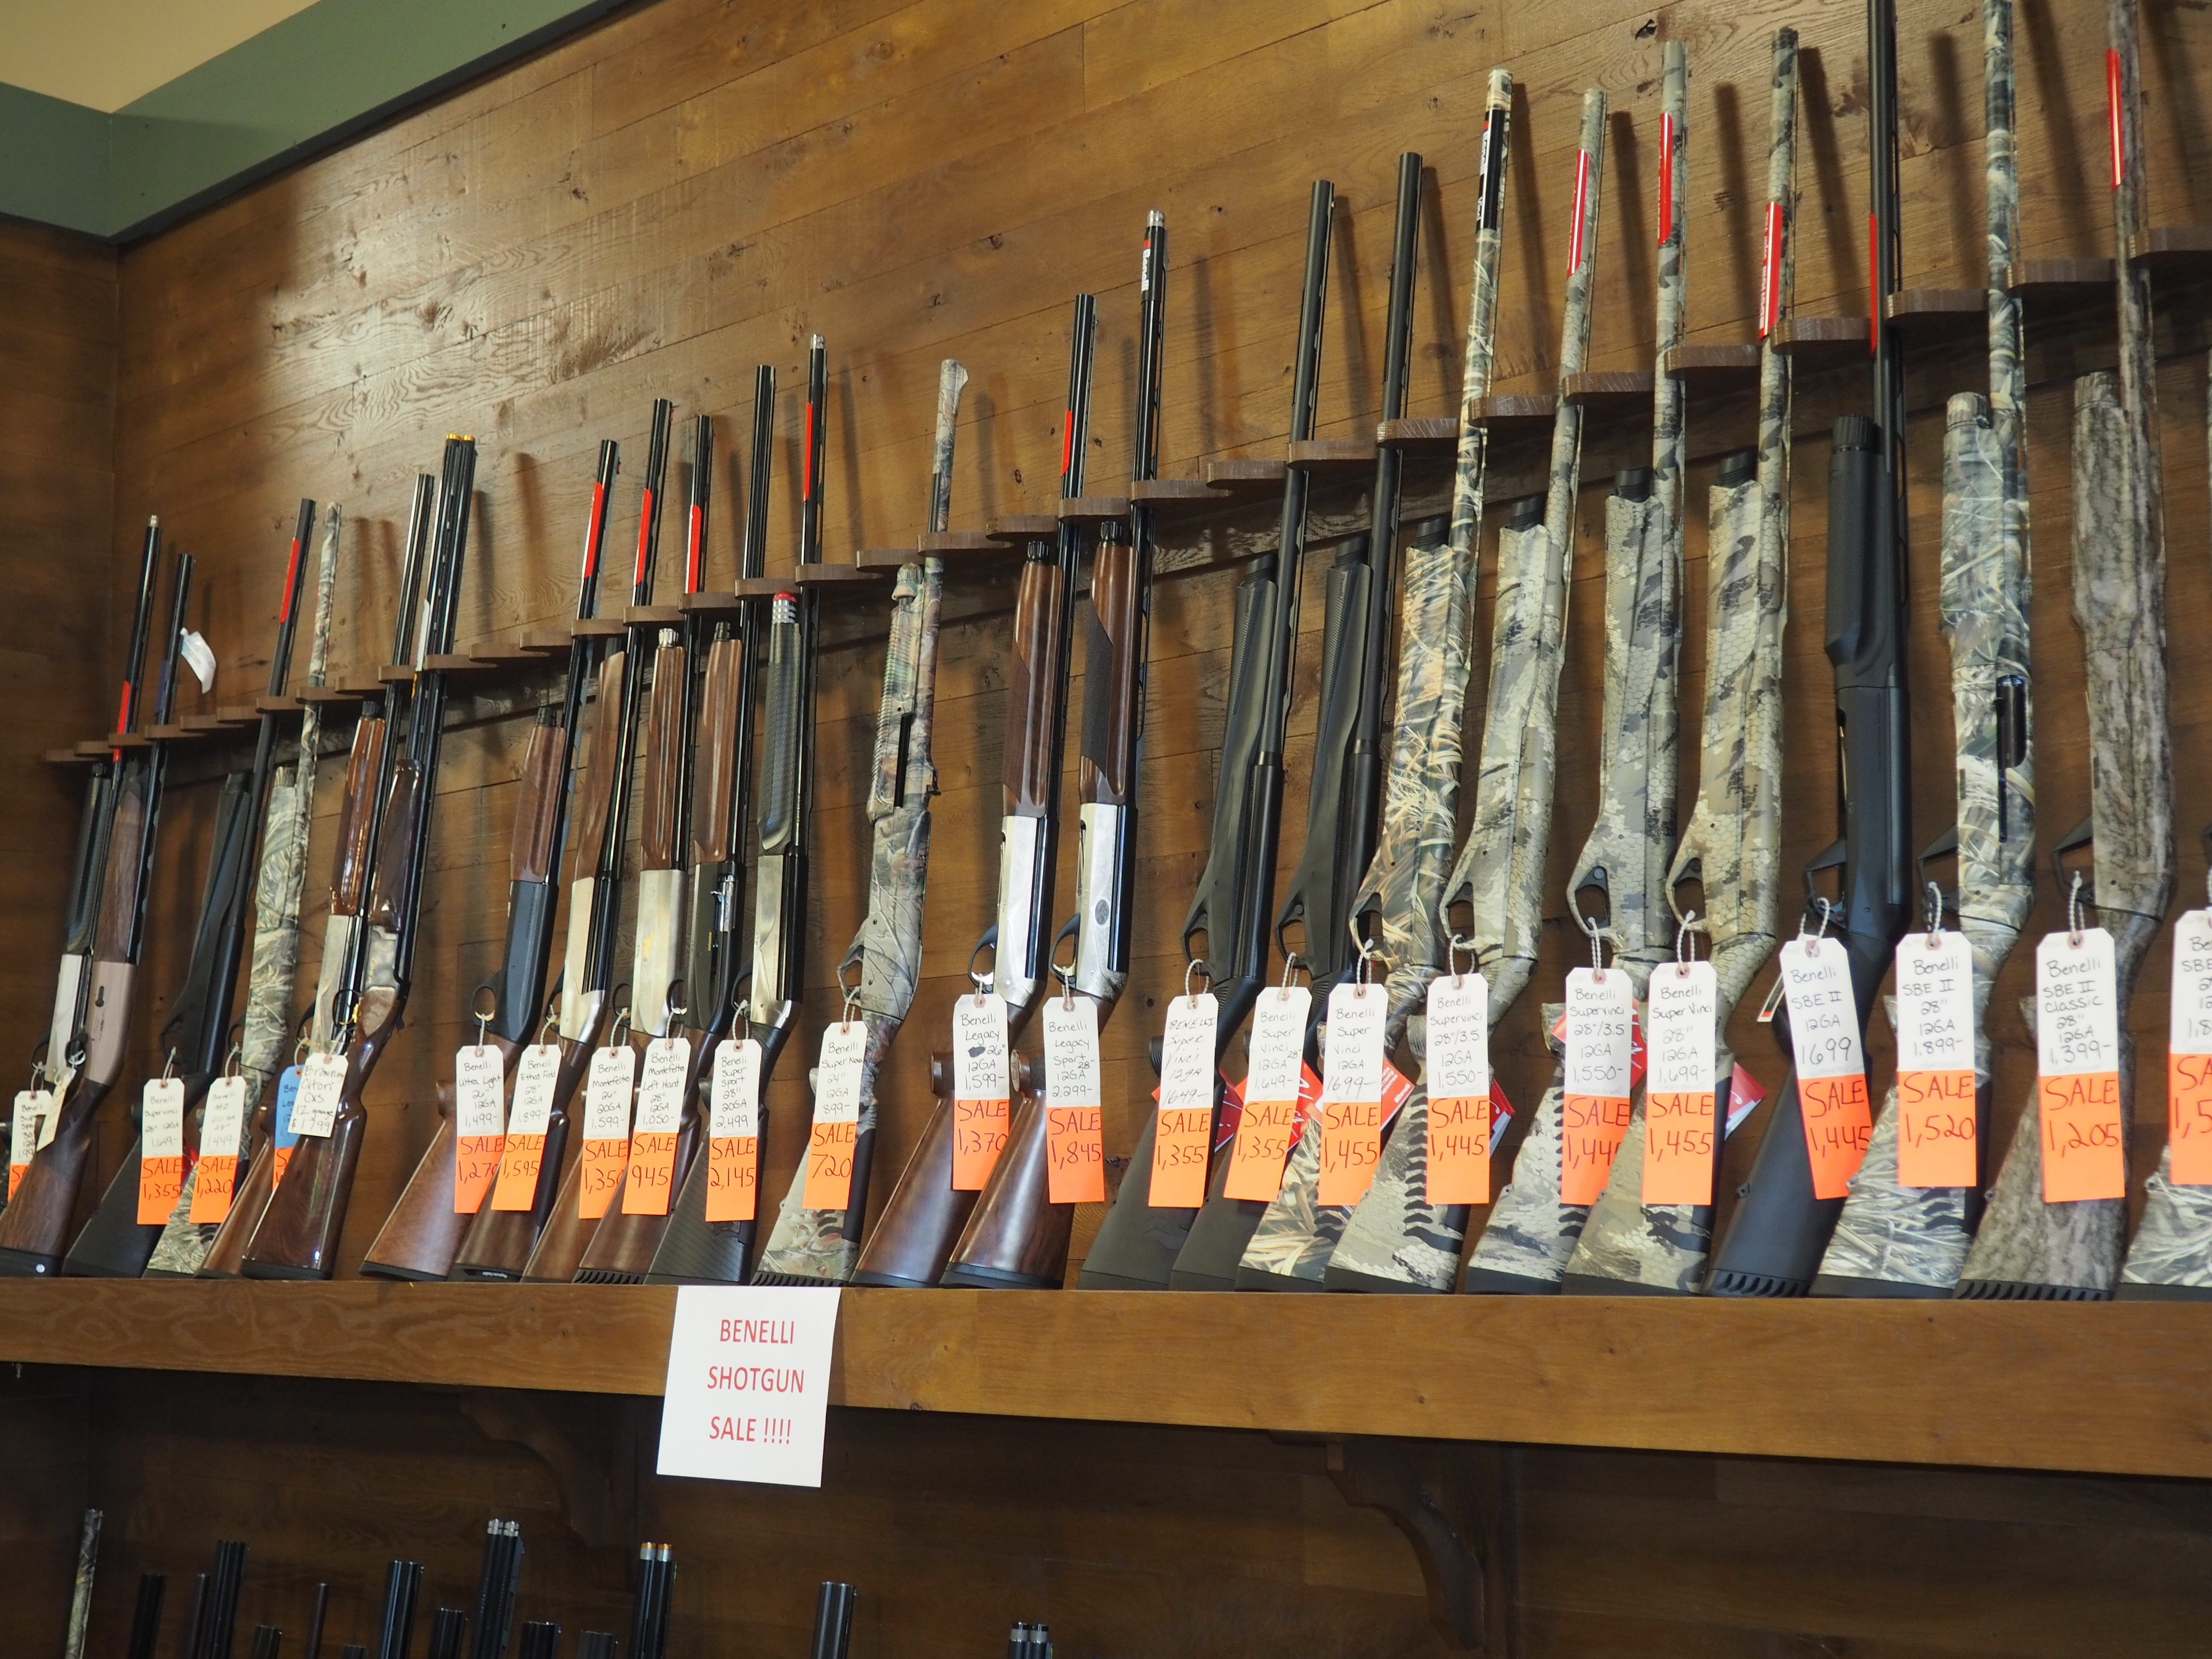 Huron Valley Guns - Benelli Shotguns